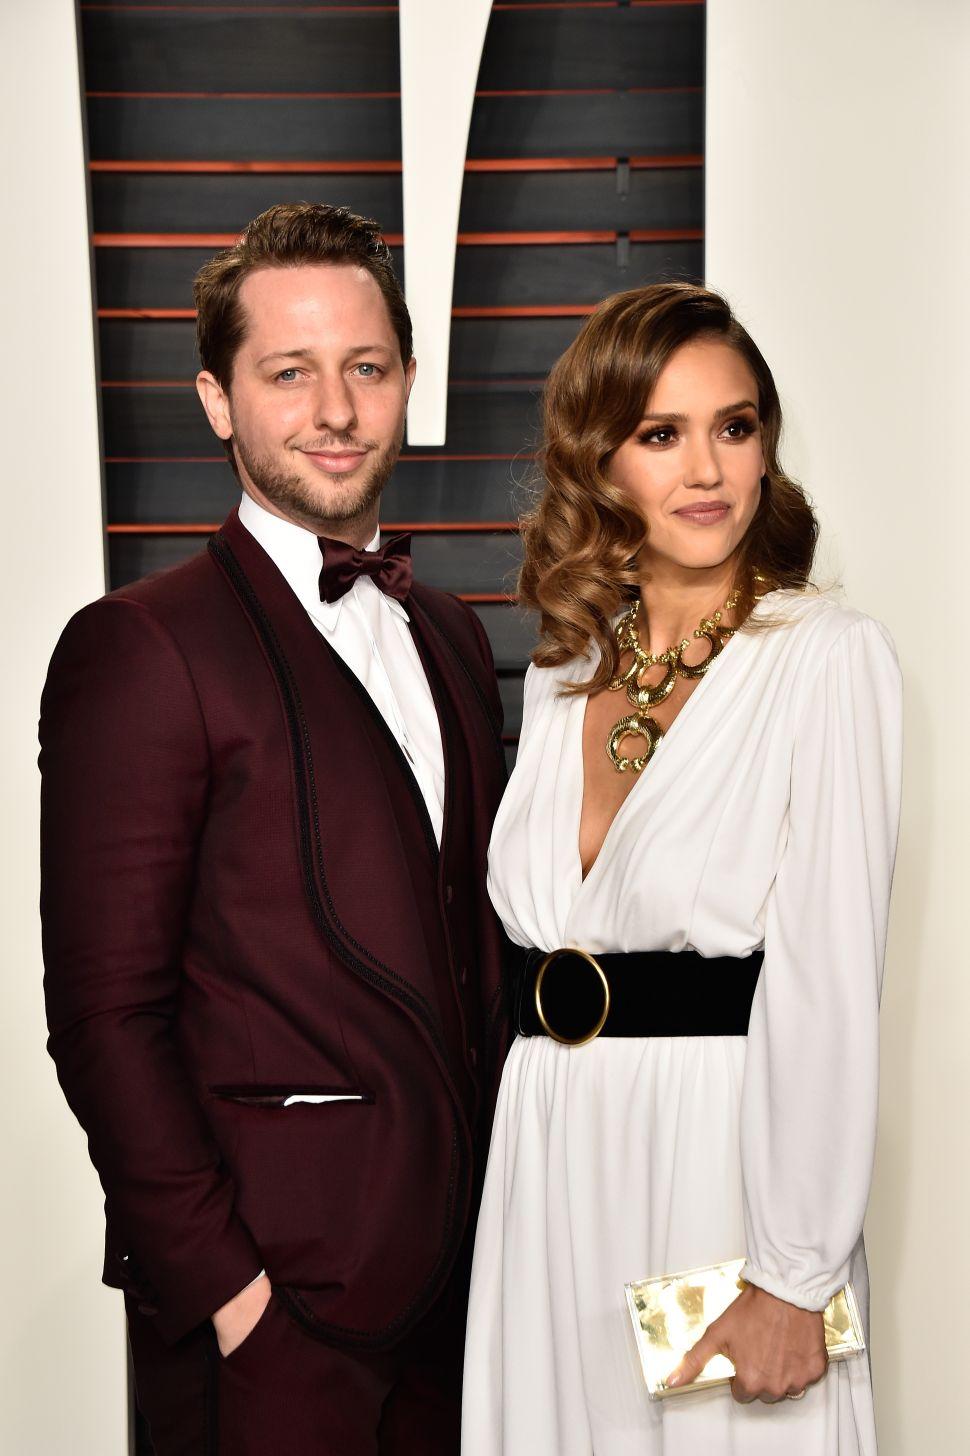 Fashion Roundup: Derek Blasberg Is Headed to CNN, MAC Collaborates With 'Star Trek'